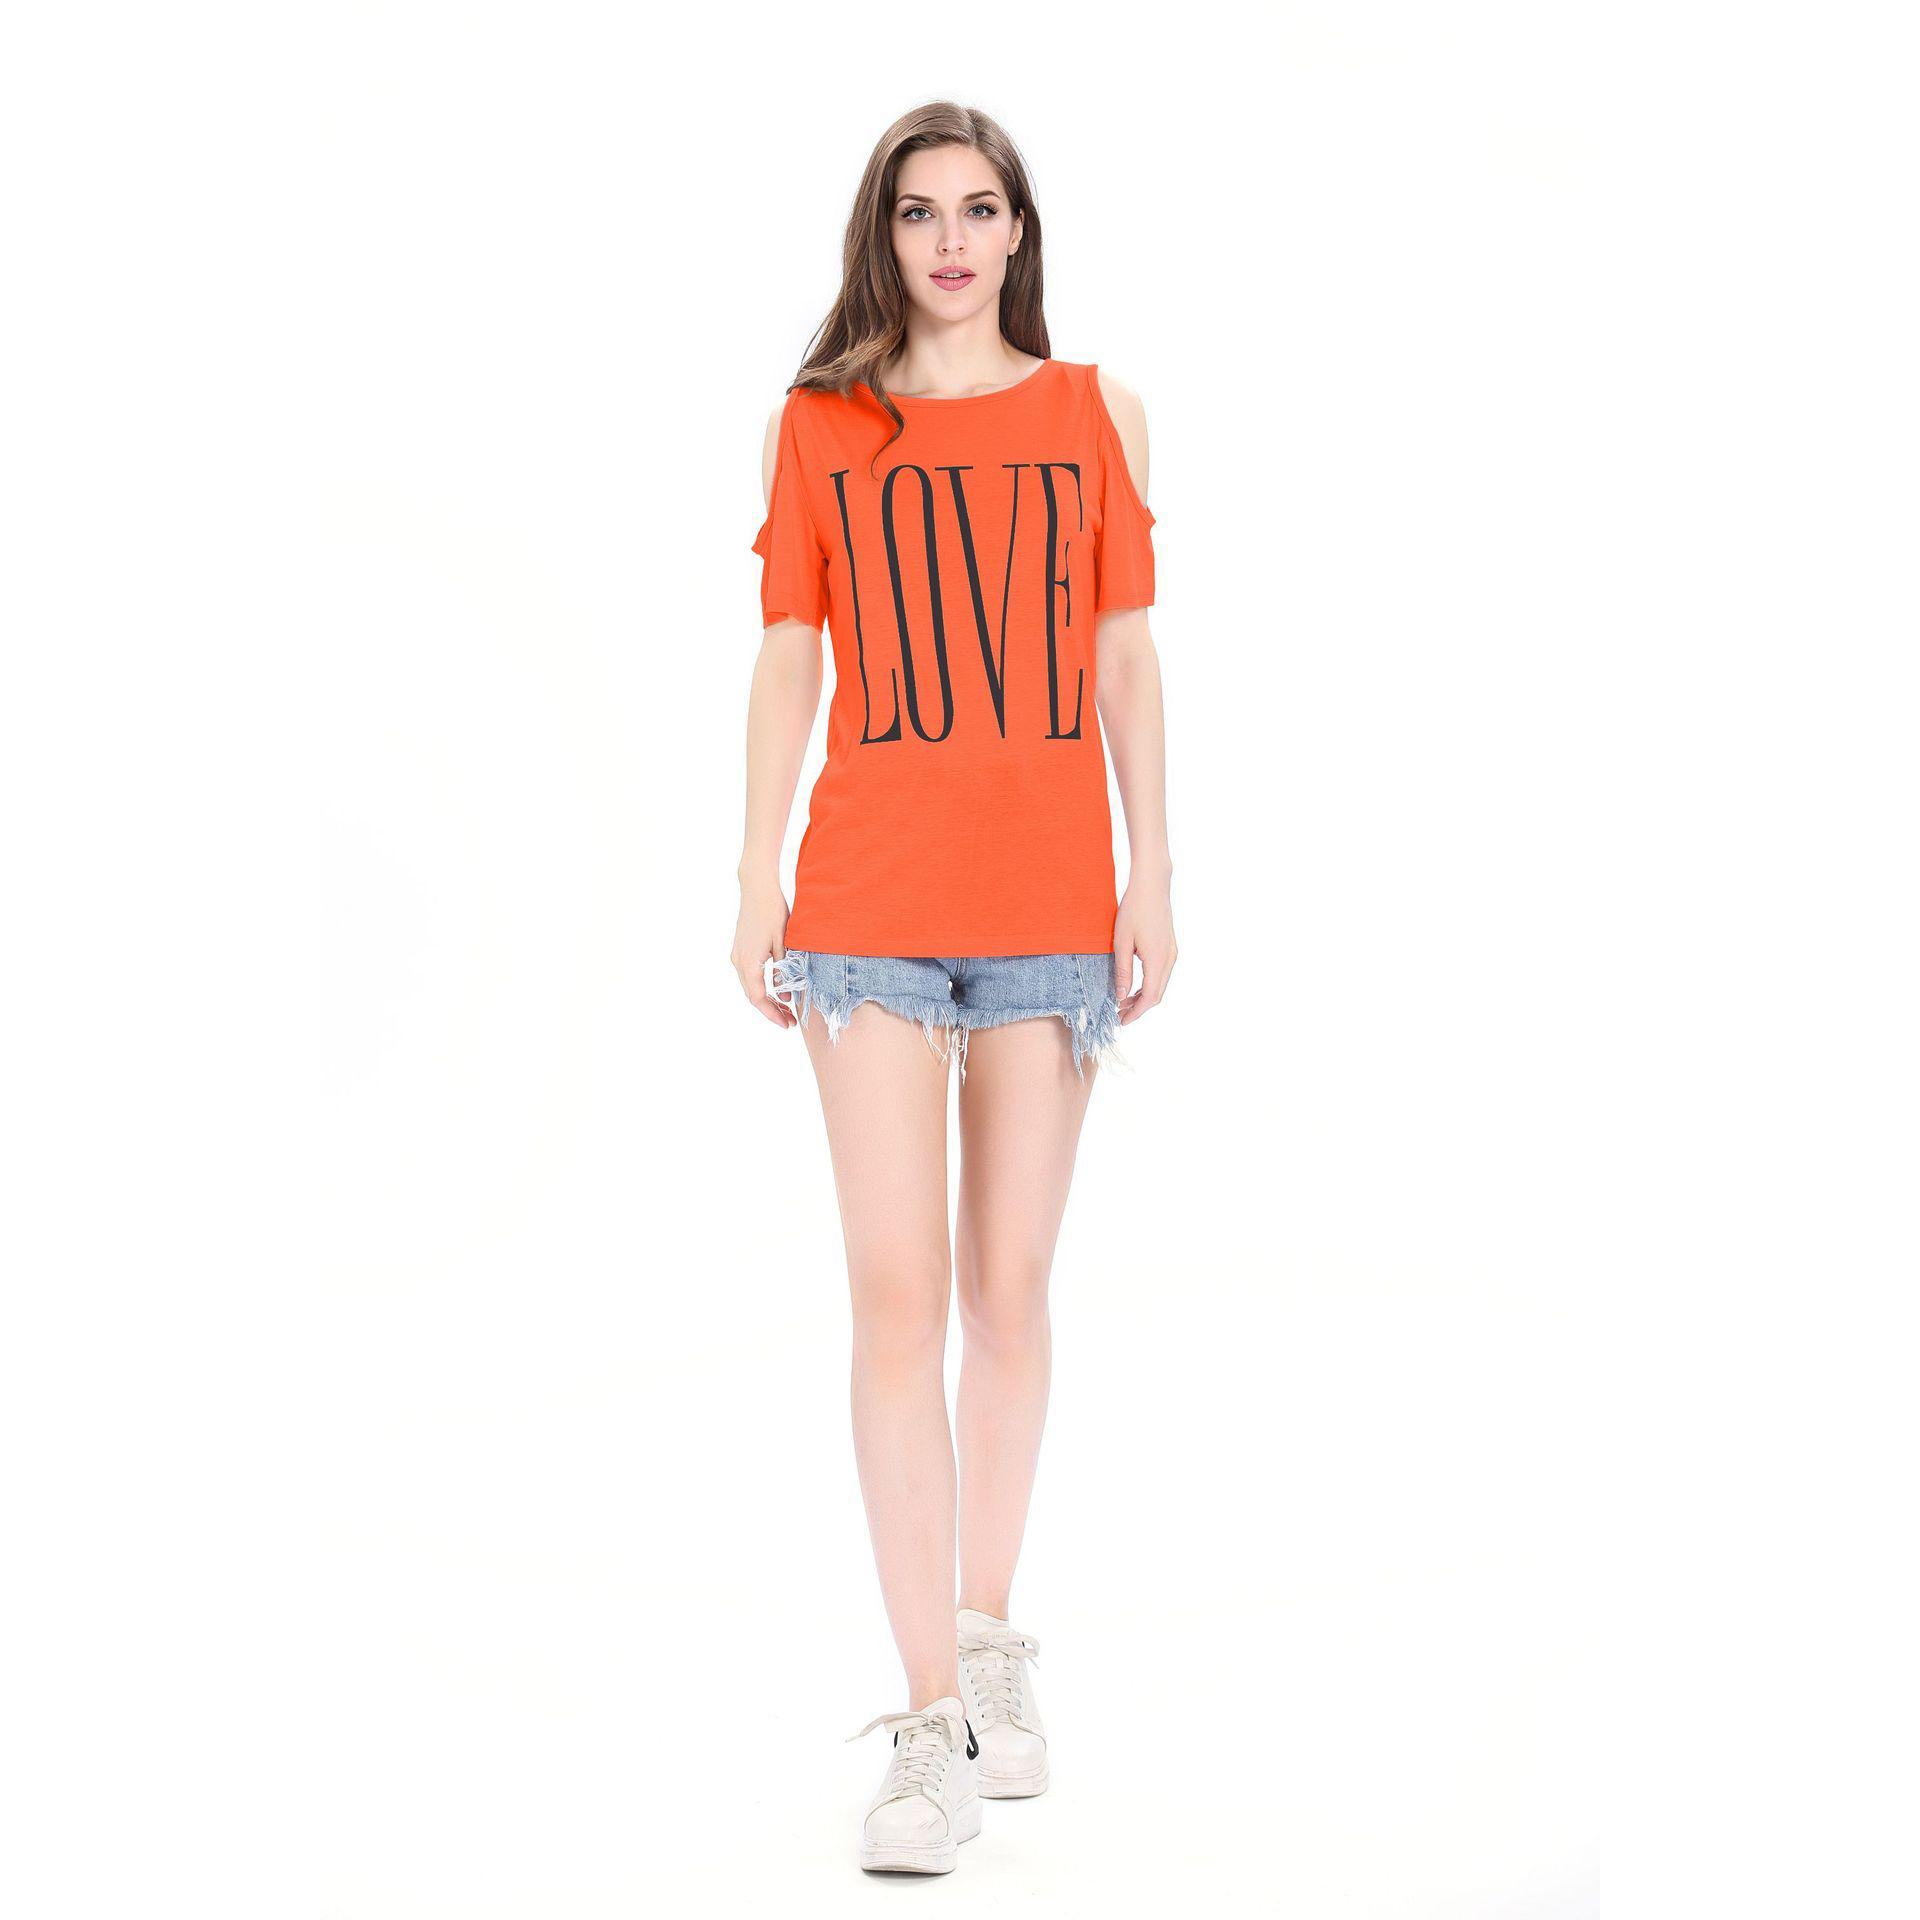 Frauen-Designer-T-Shirt 2019 Sommer neue Art und Weise druckt Off-die-Schulter-Kurzschluss-Hülsen-beiläufige lose Buchstabeliebescharme-Top Fashion Off-die-Schulter-T